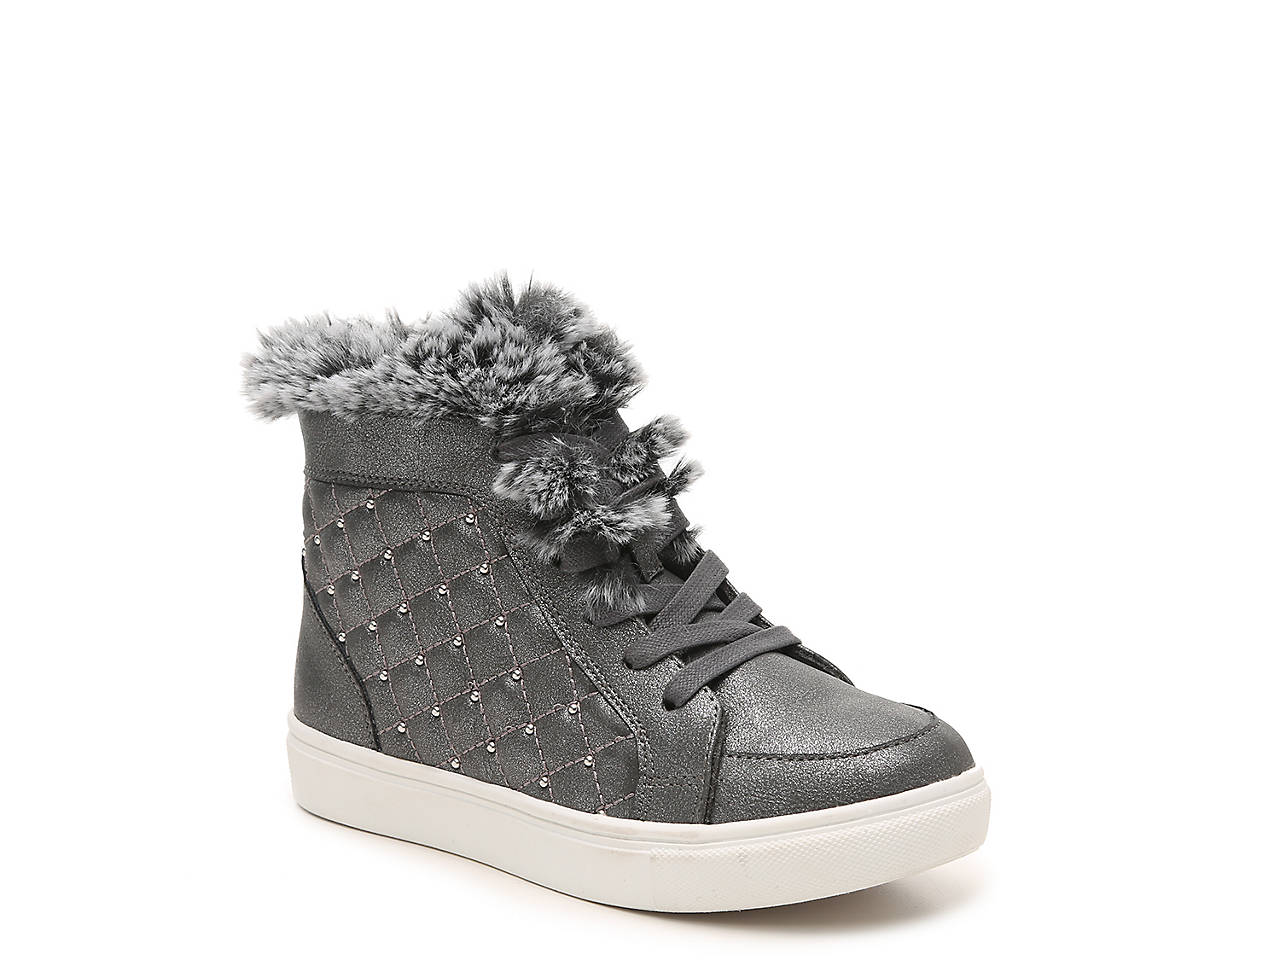 c5e418e96dd Felicia High-Top Sneaker - Kids'